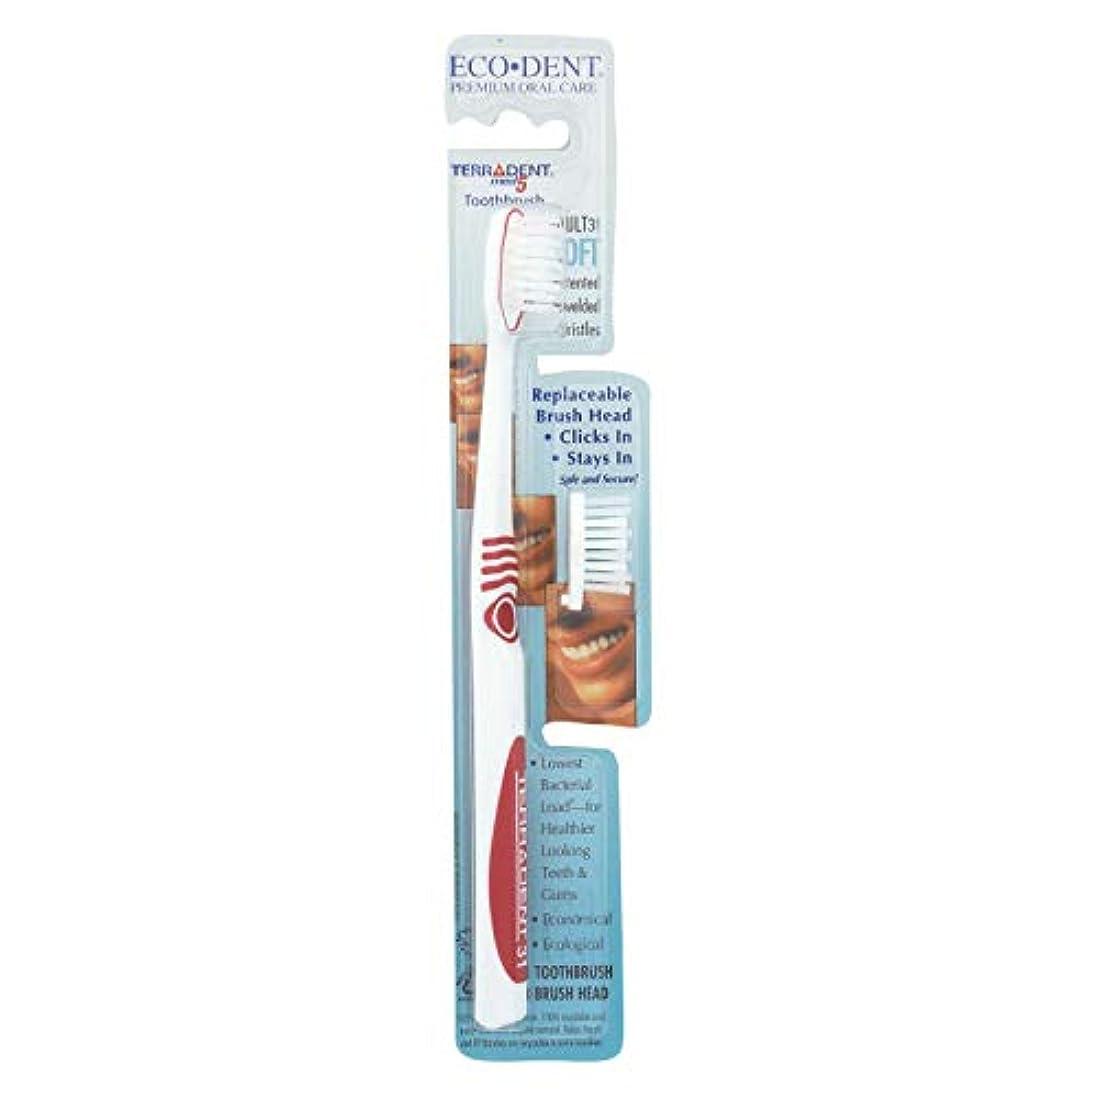 ひねくれた宣言する残りTerradent Med5, Adult 31 Soft, 1 Toothbrush, 1 Spare Brush Head by Eco-Dent